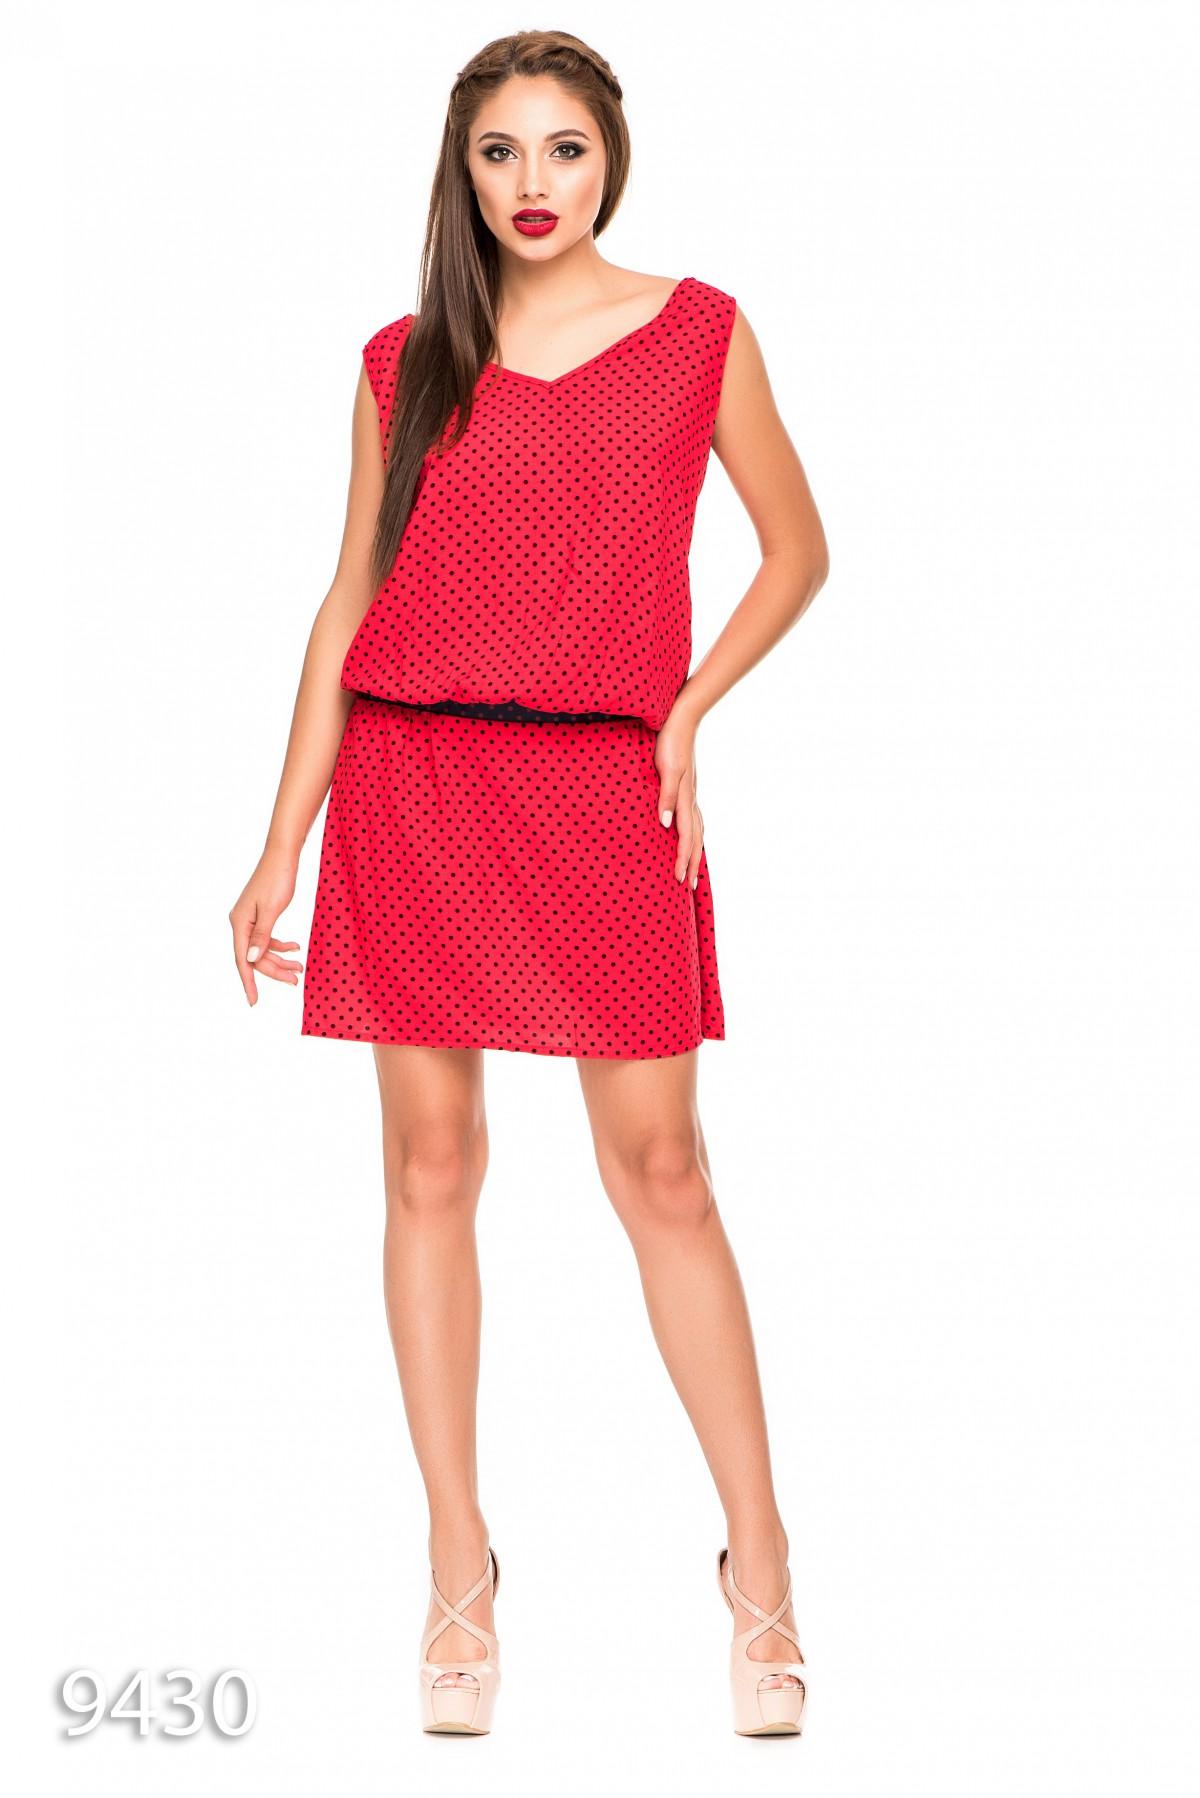 fdc8ace3df5549f Свободное красное платье в горошек без рукавов с заниженной талией: 276  грн. фото 2 ...